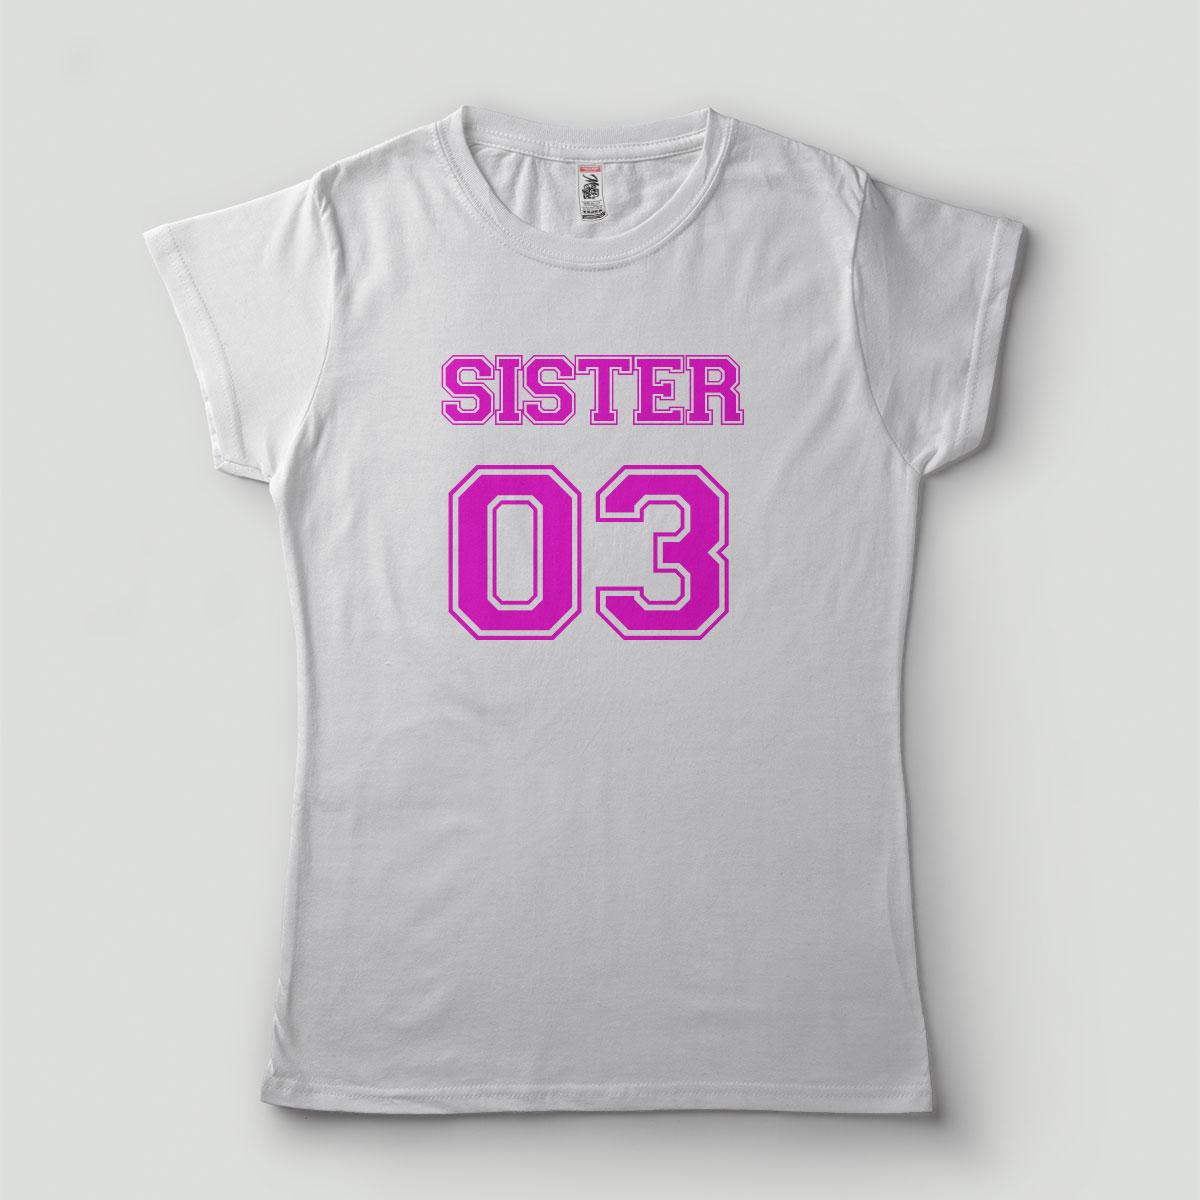 Camiseta feminina Irma 03 Sister Casamento